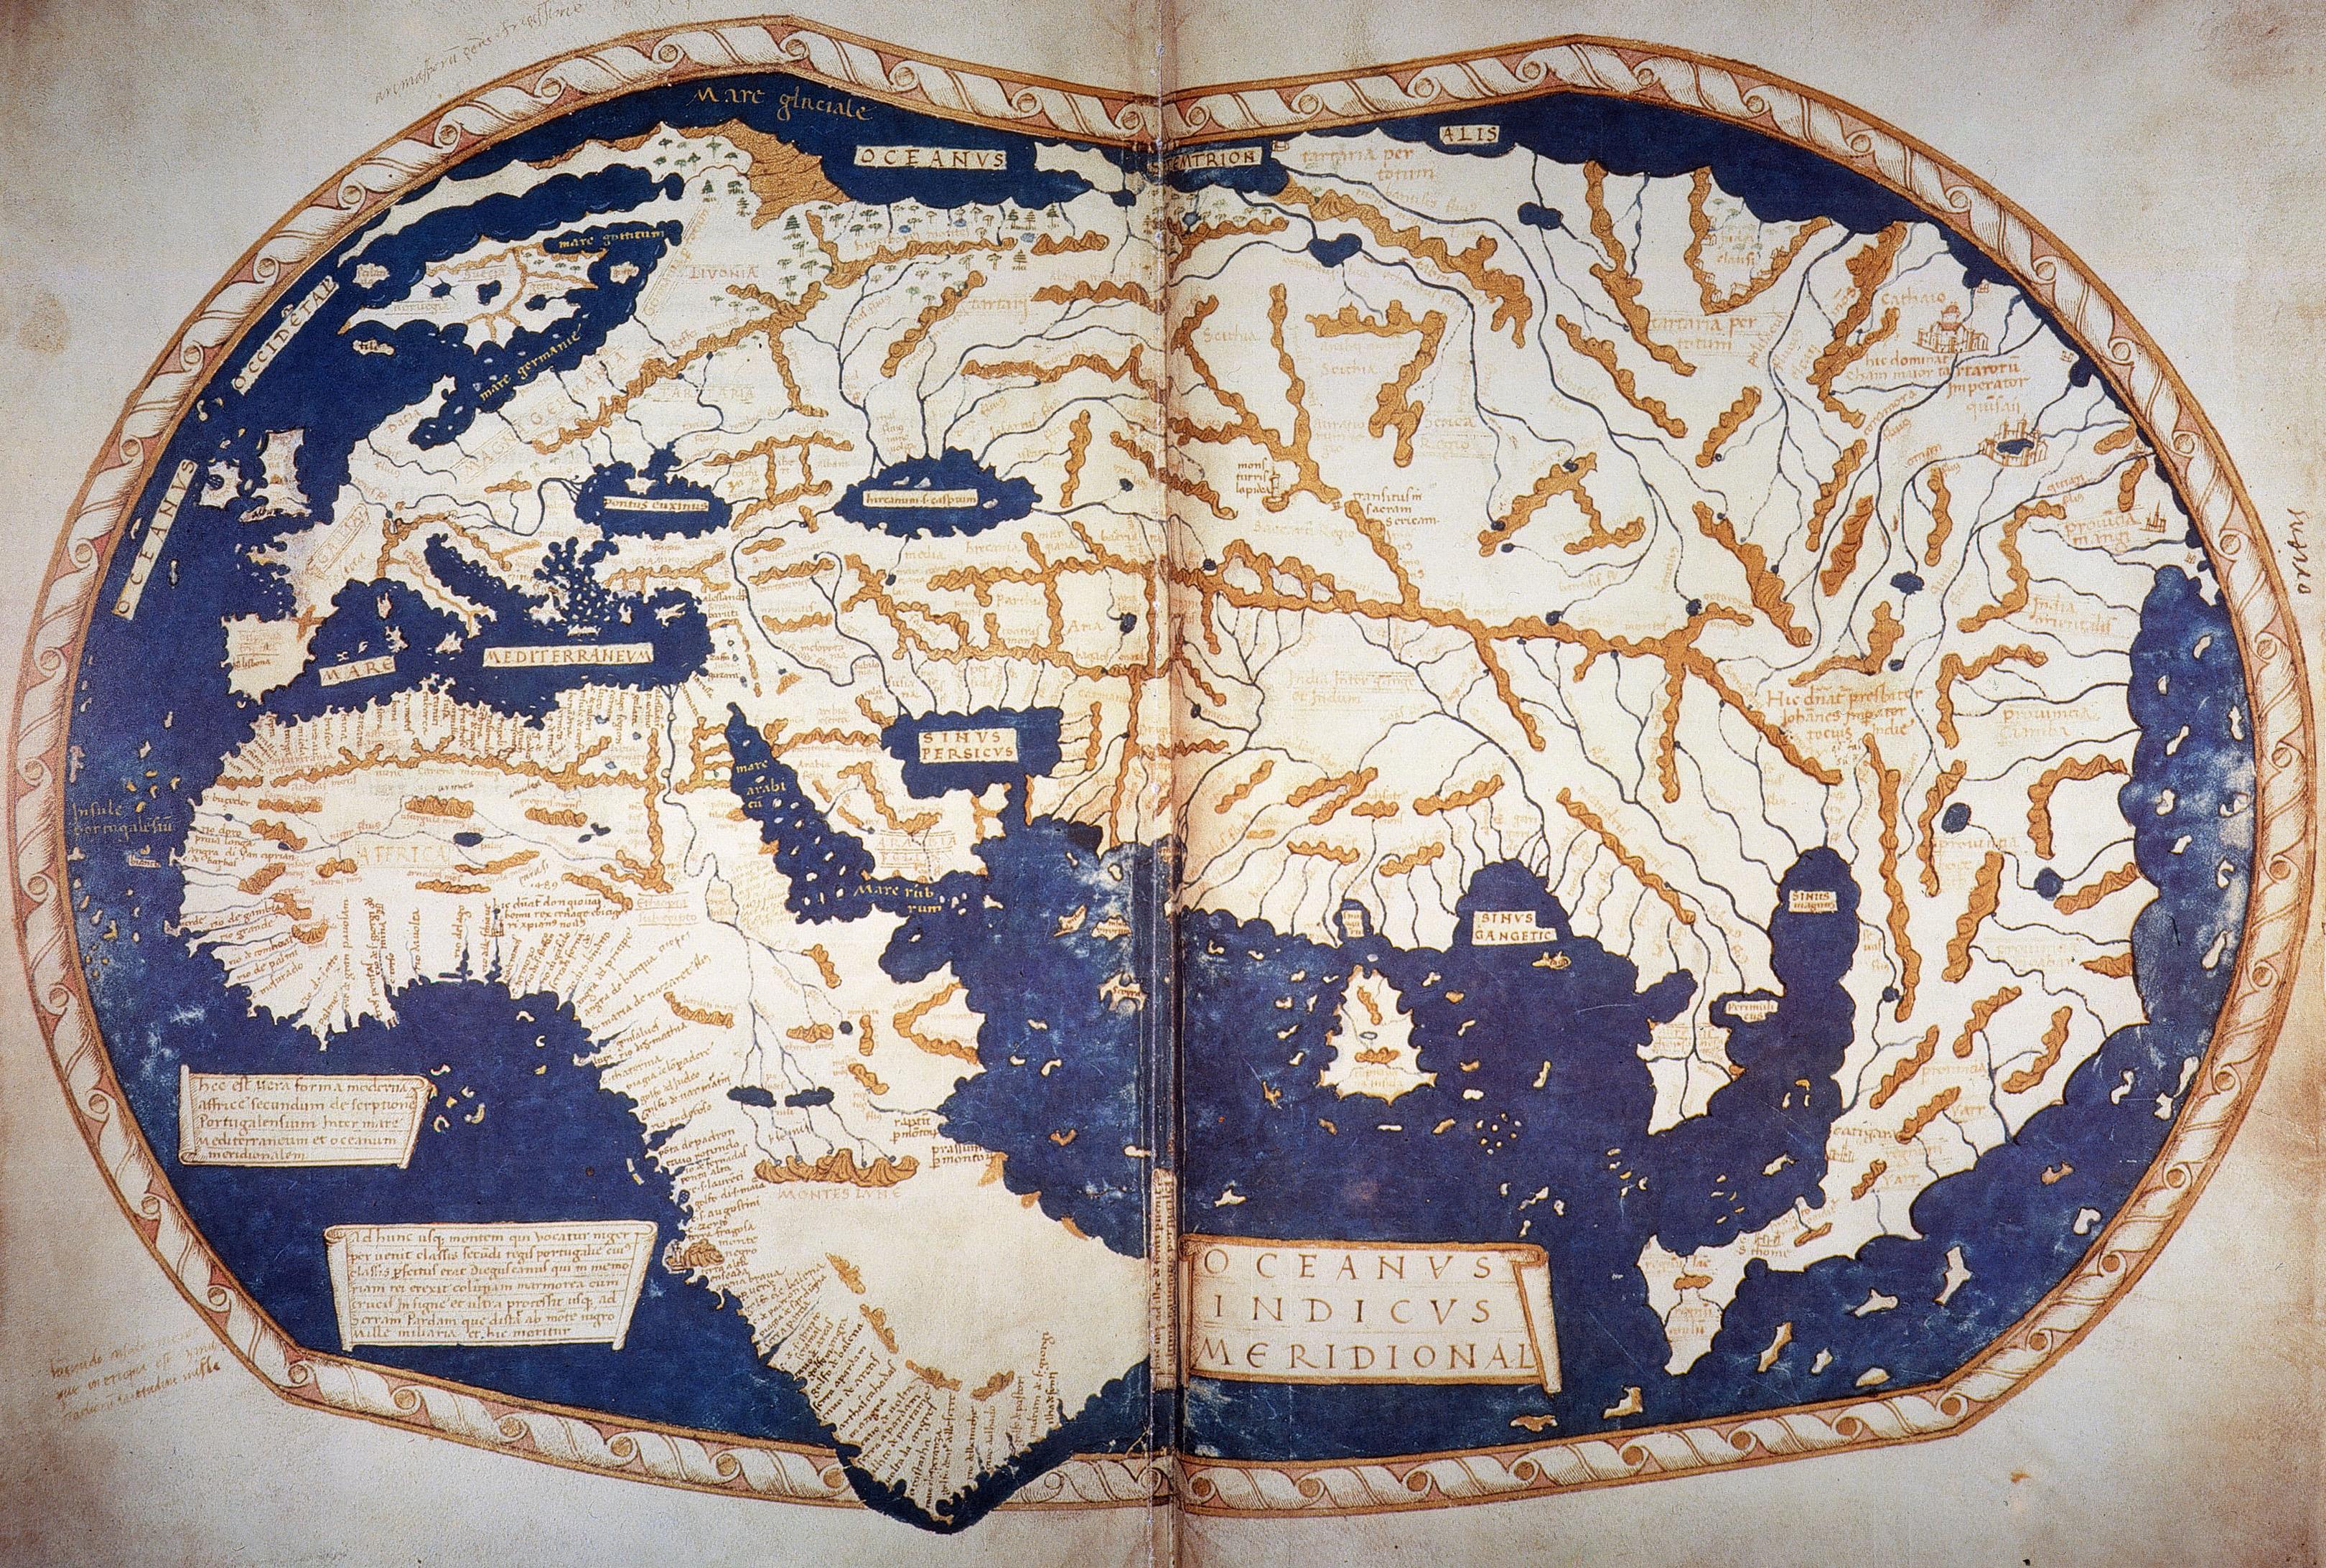 Amazon.com: Columbus: The Four Voyages (9780670023011